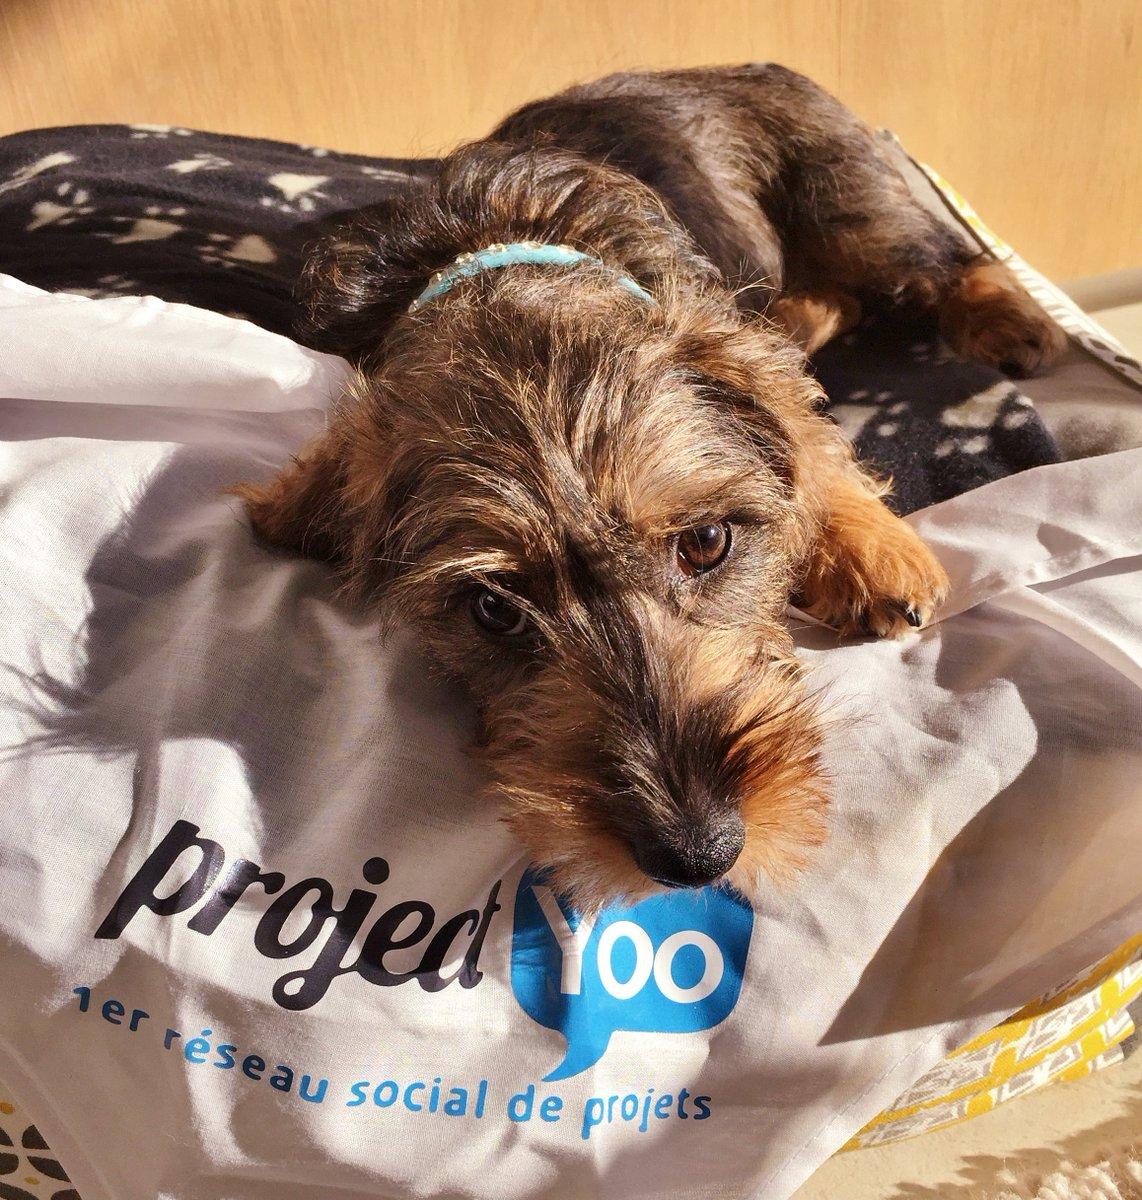 Aujourd&#39;hui, on a une invitée un peu spéciale au bureau... On vous présente notre petite Margotte  #puppy  #dogs #startup<br>http://pic.twitter.com/qDlEB8qgiB